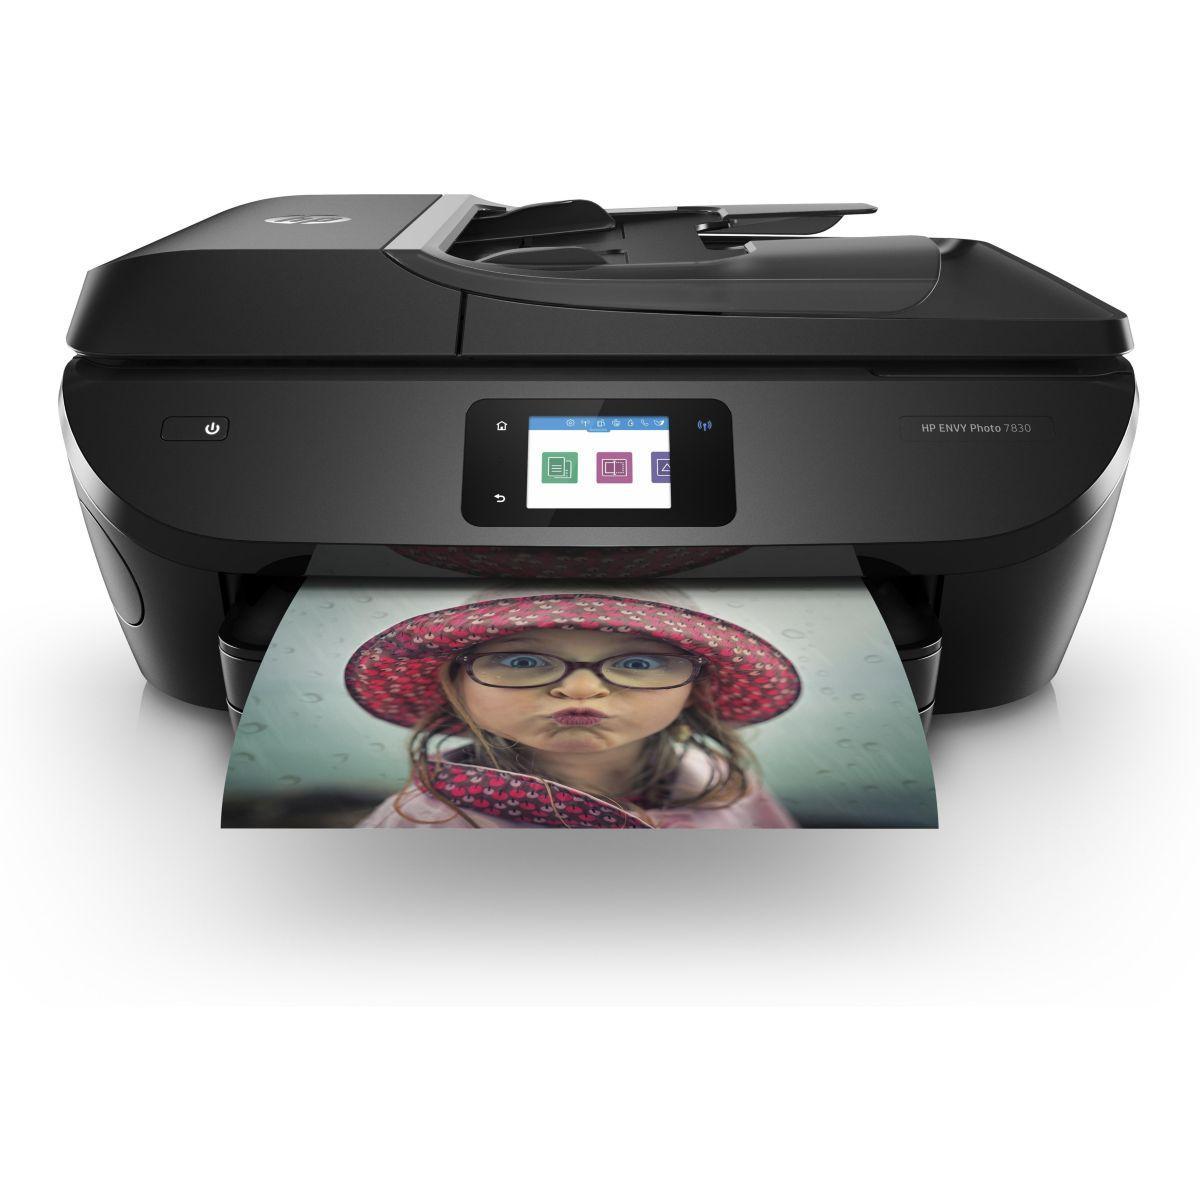 Imprimante jet d'encre hp envy 7830 (photo)